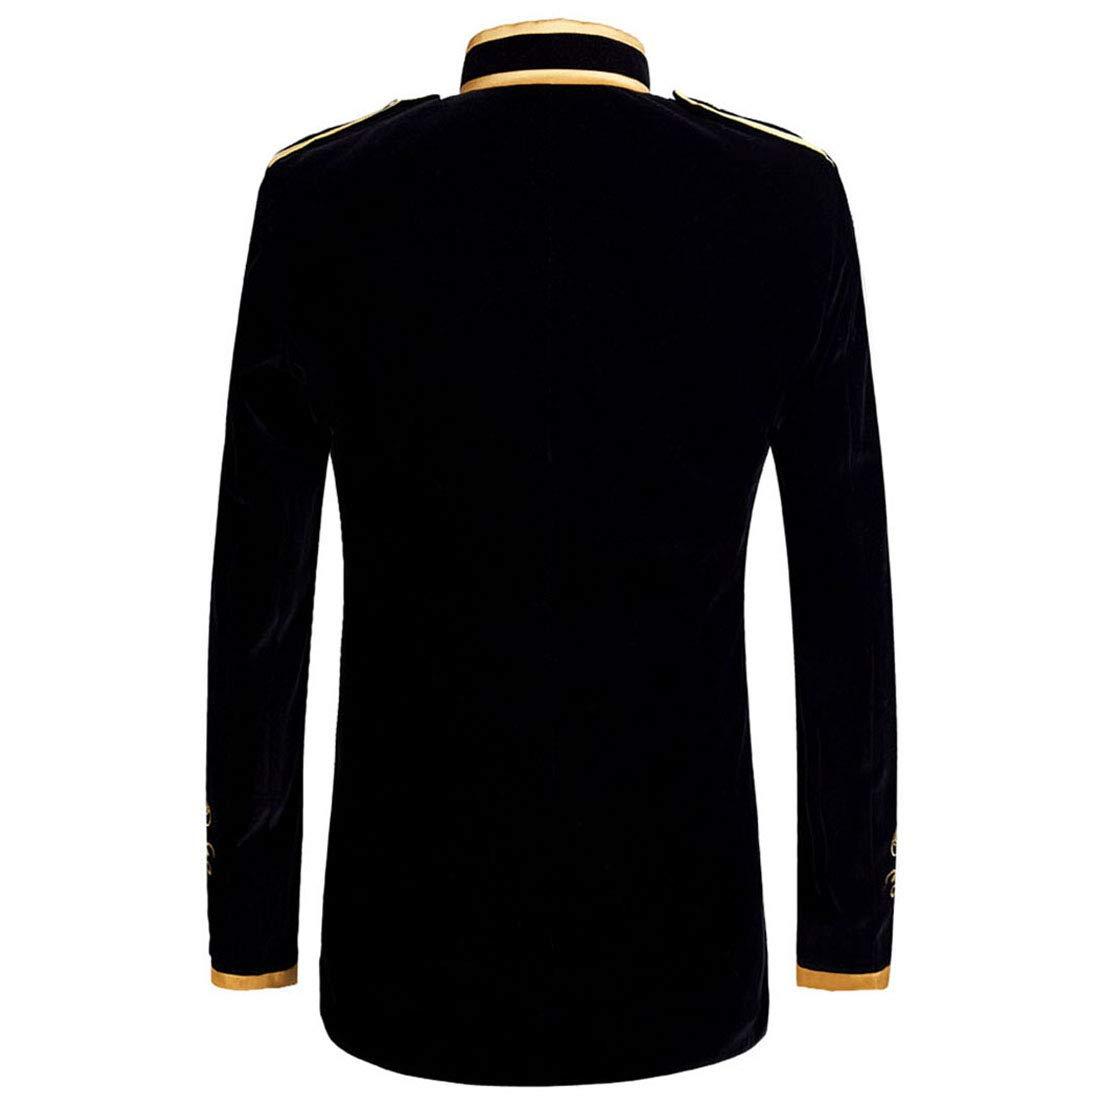 Amazon.com: PYJTRL - Chaqueta de terciopelo negro con ...